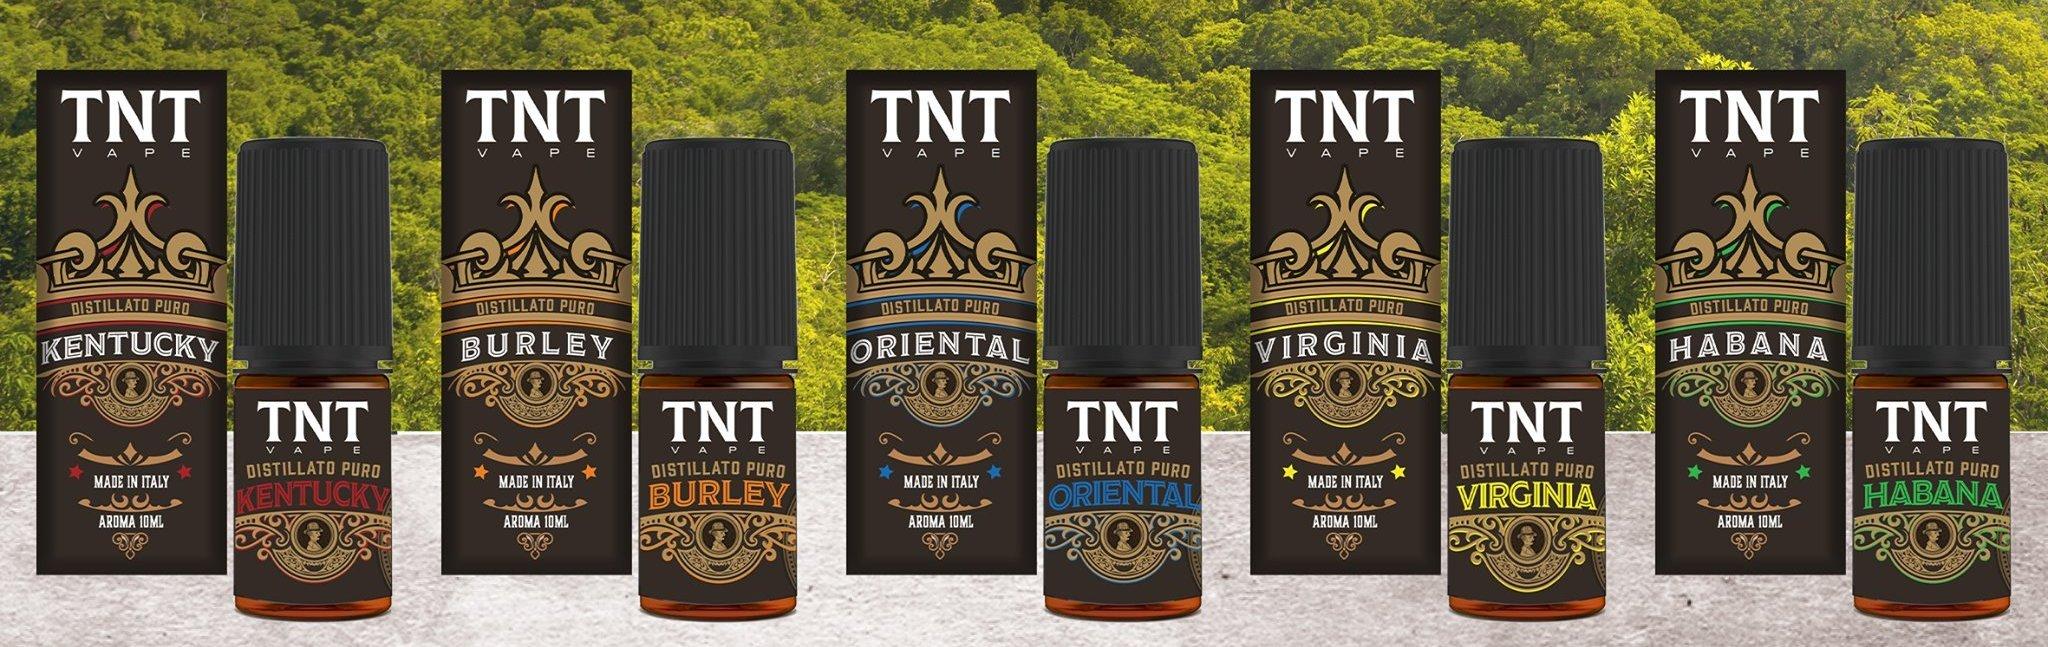 Aroma TNT Vape Distillati Puri